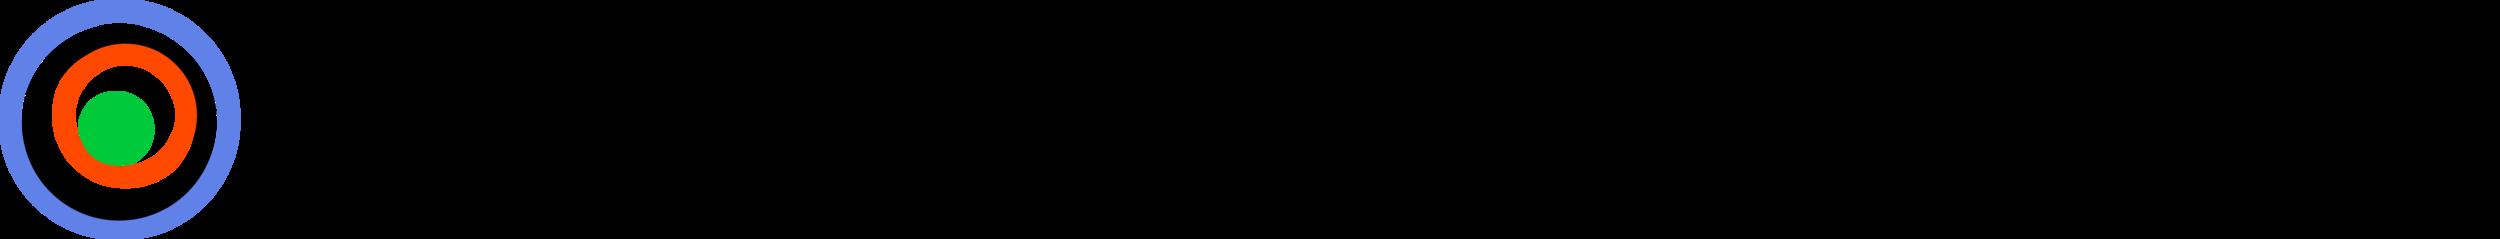 GSV - full logo.png